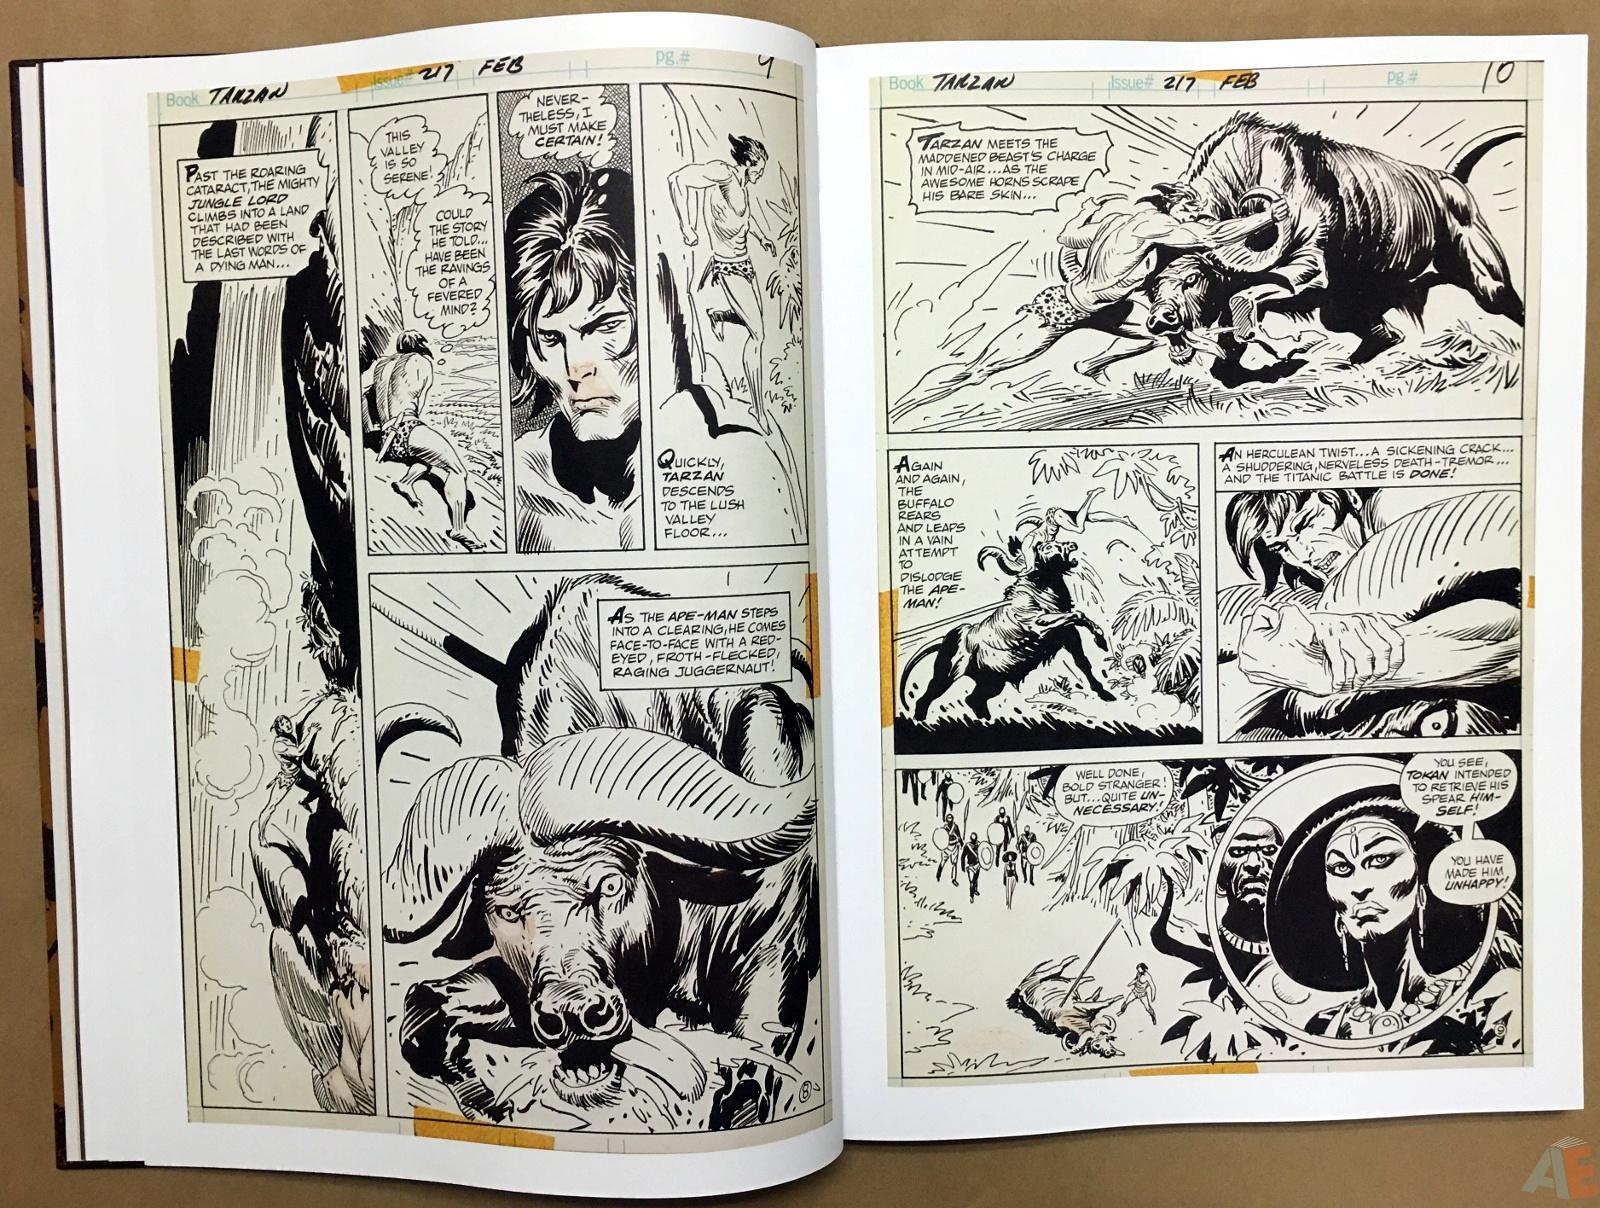 Joe Kubert's The Return Of Tarzan Artist's Edition 16